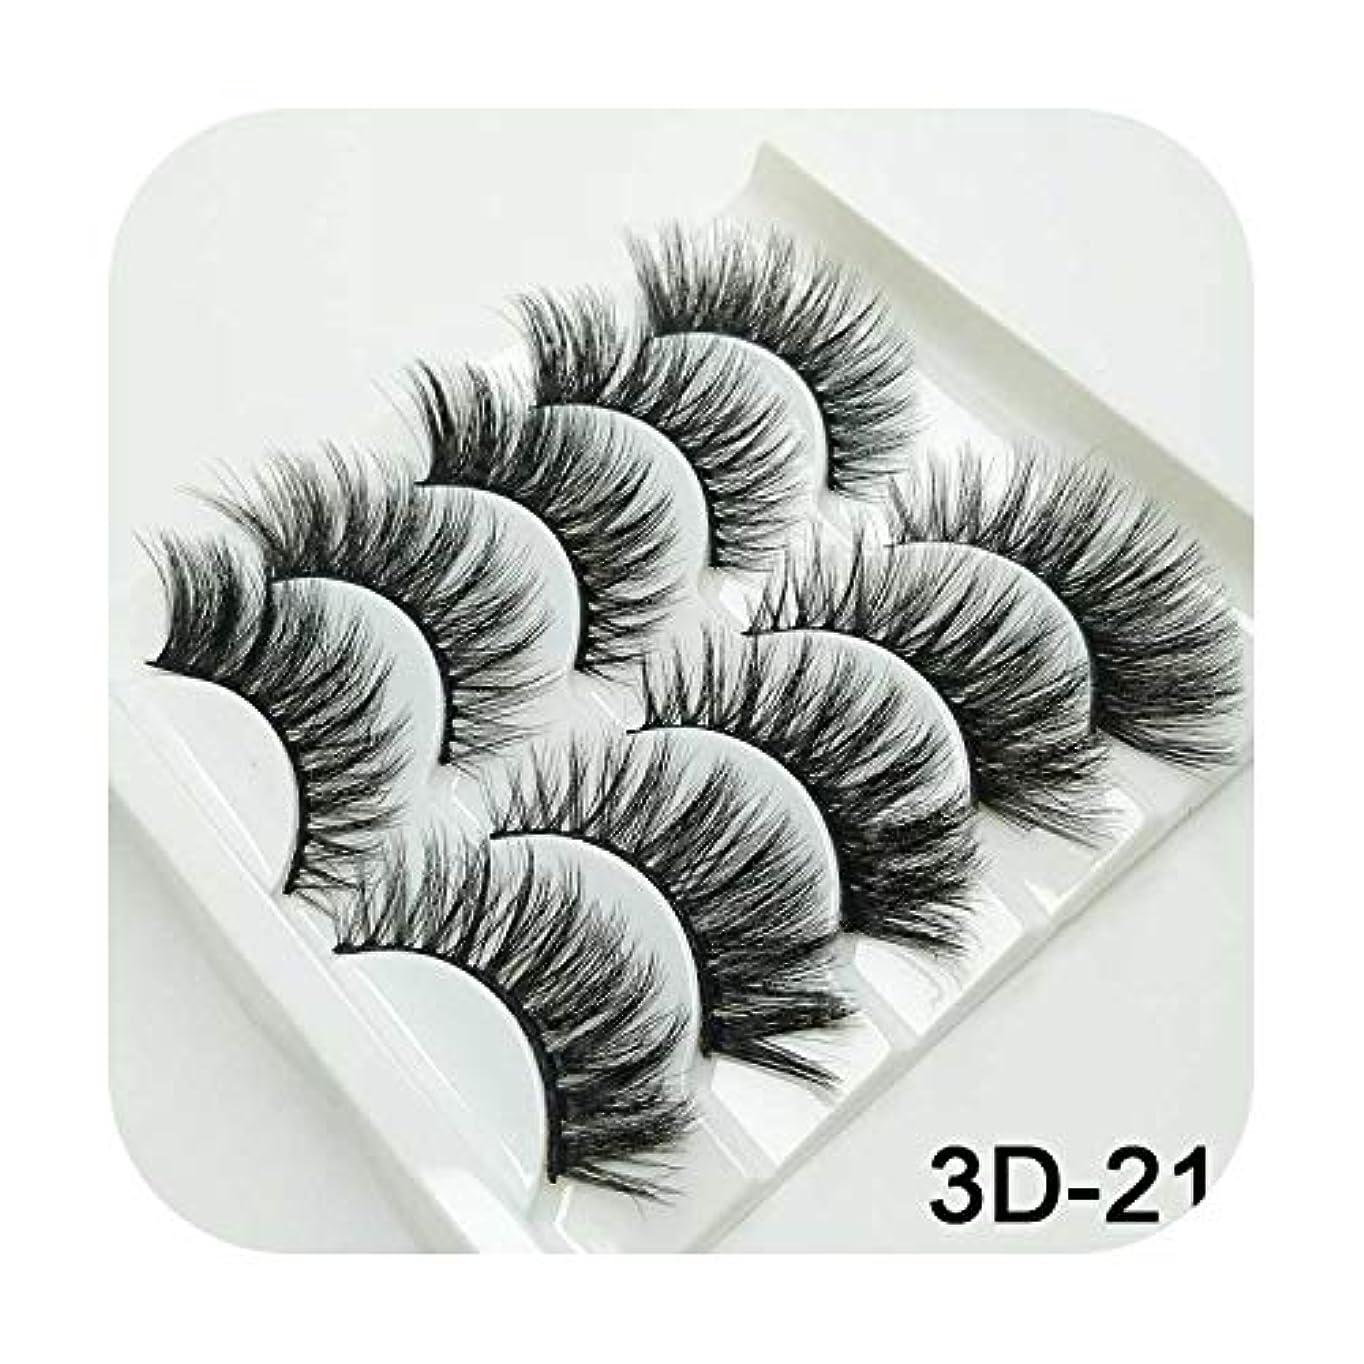 商業のヒントスペース3Dミンクまつげナチュラルつけまつげロングまつげエクステンション5ペアフェイクフェイクラッシュ,3D-21